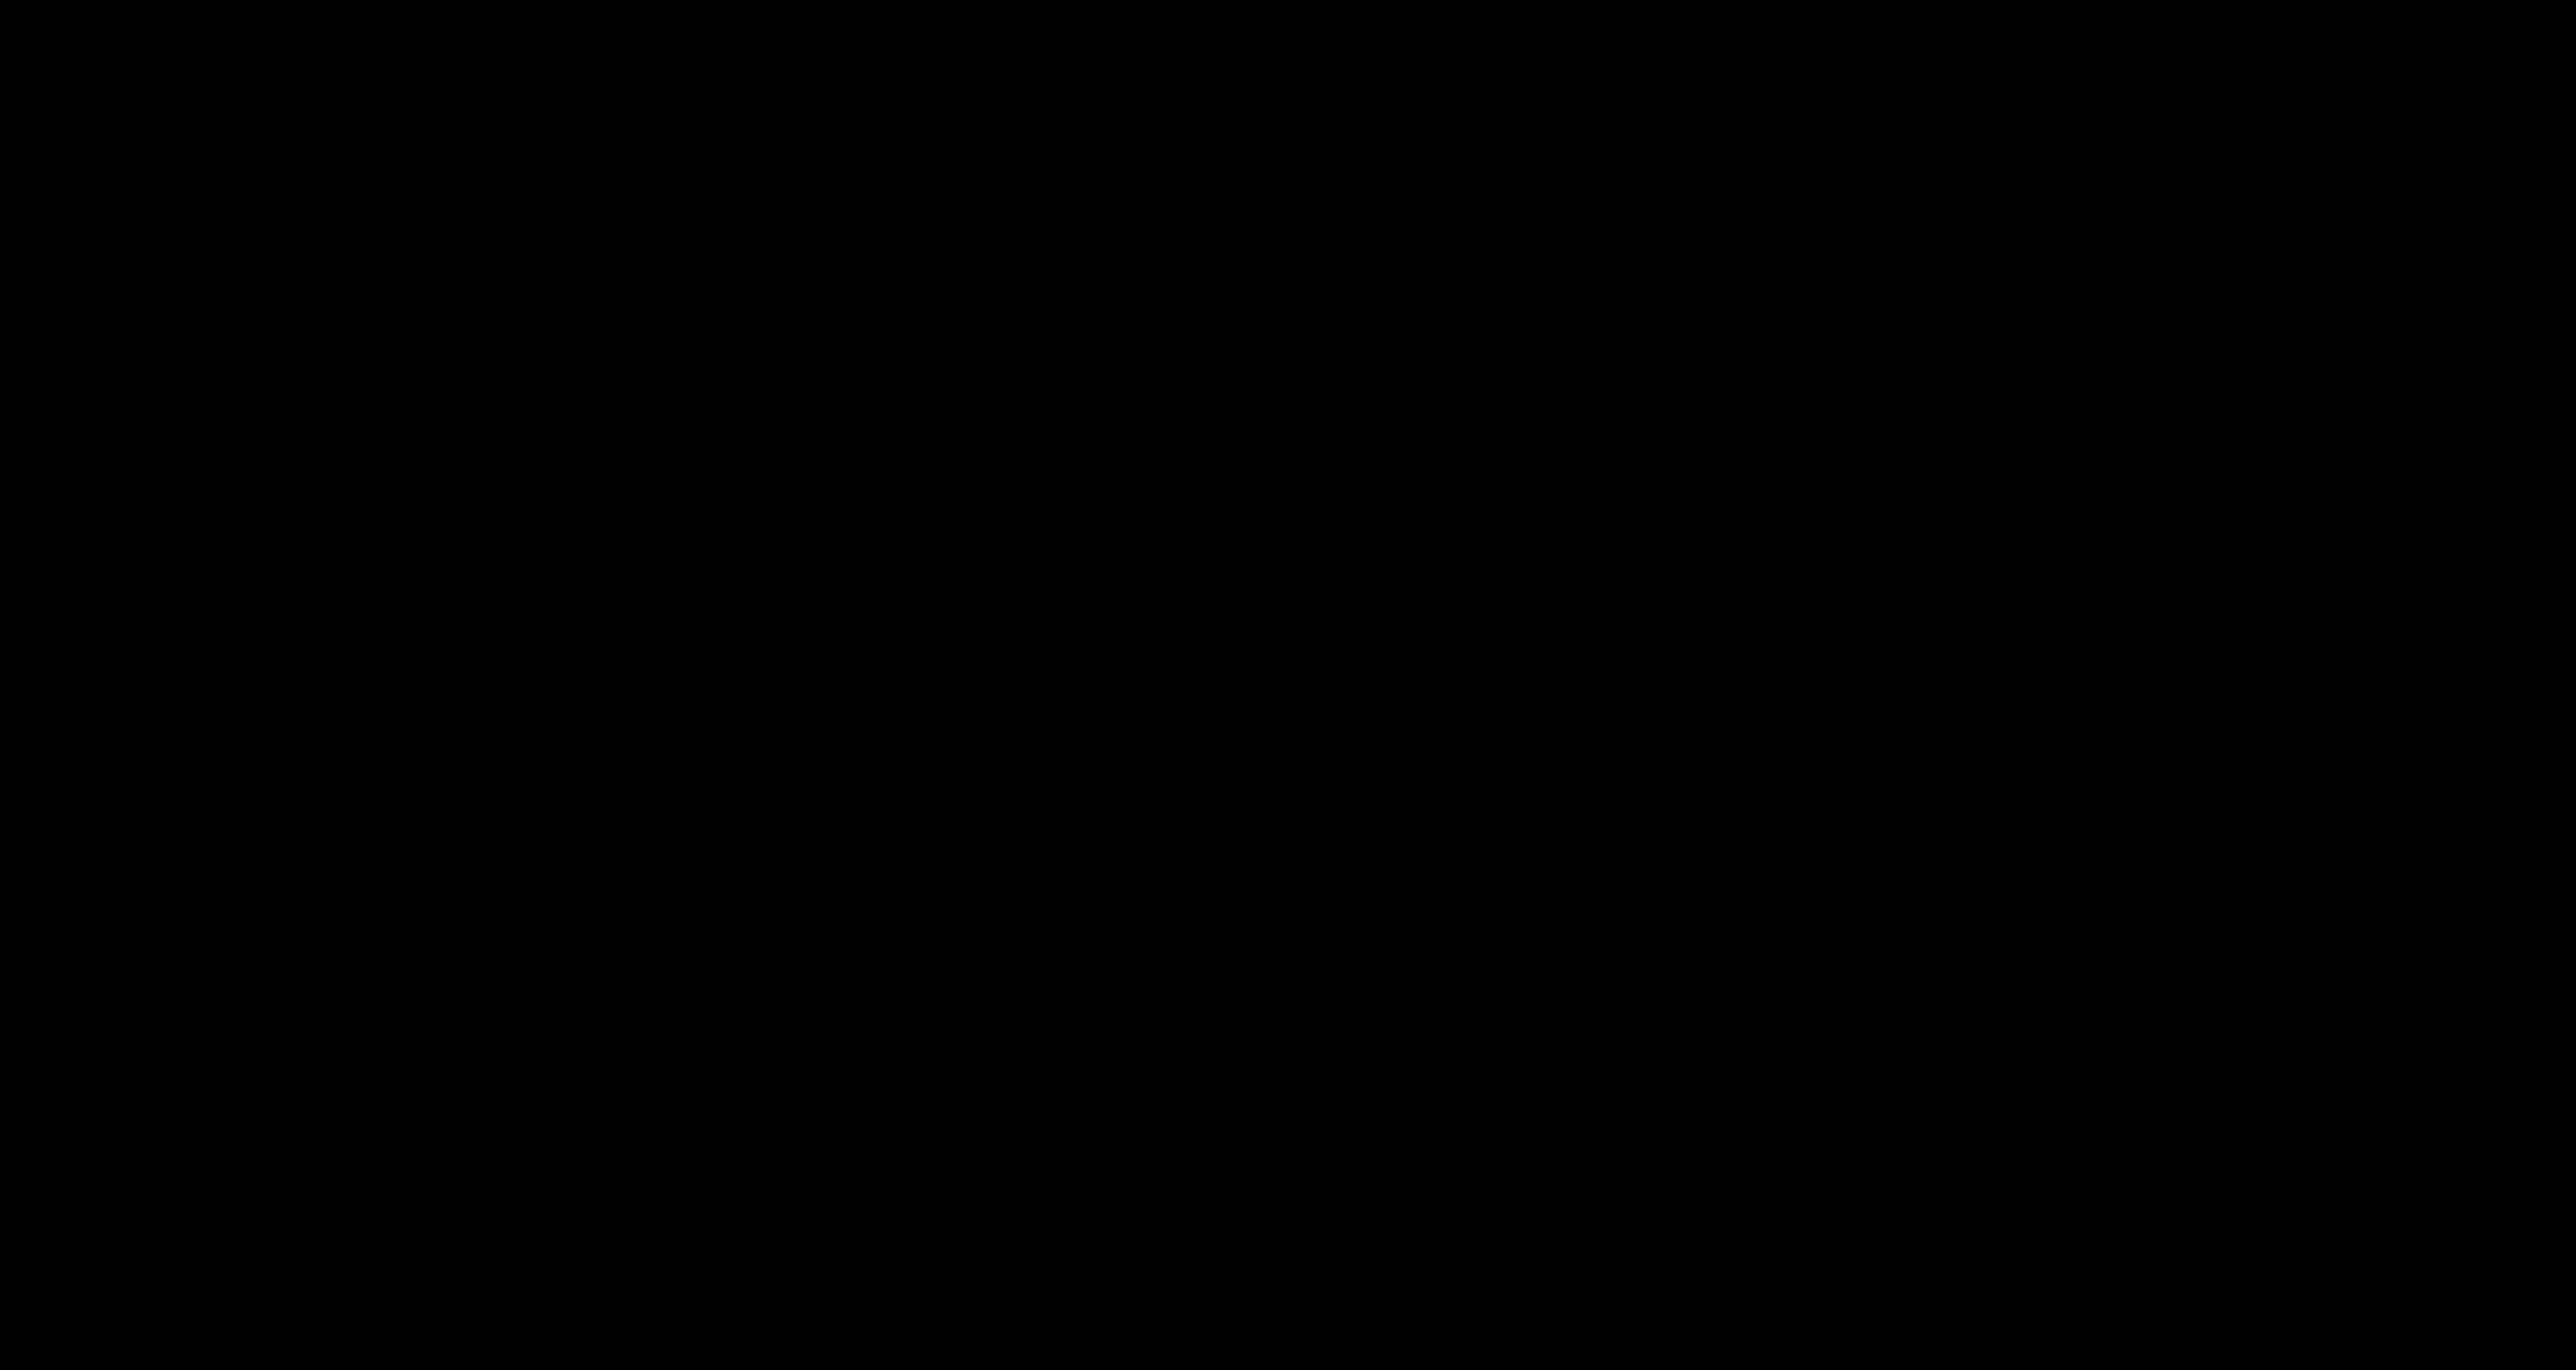 Промокод 23% на заказы в Dresslily